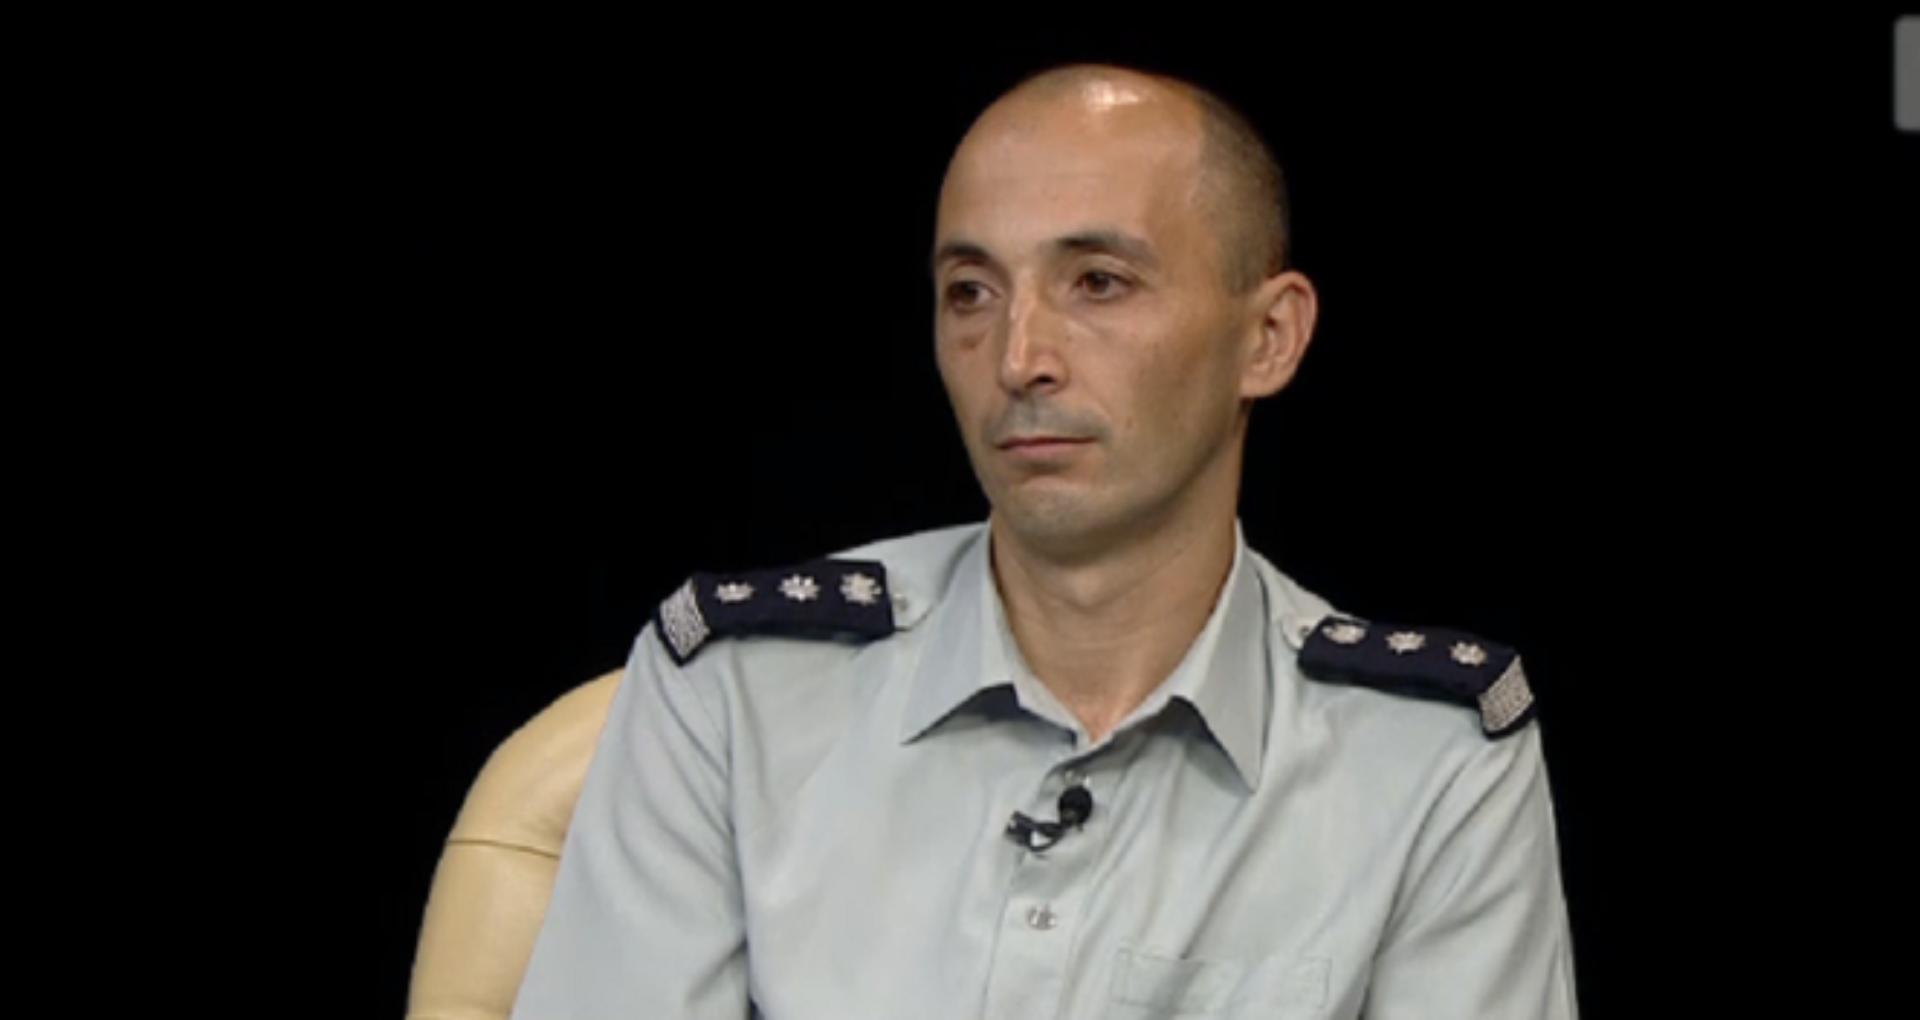 UPDATE/ Detalii noi despre reținerea lui Gheorghe Petic, liderul Platformei DA de la Ungheni